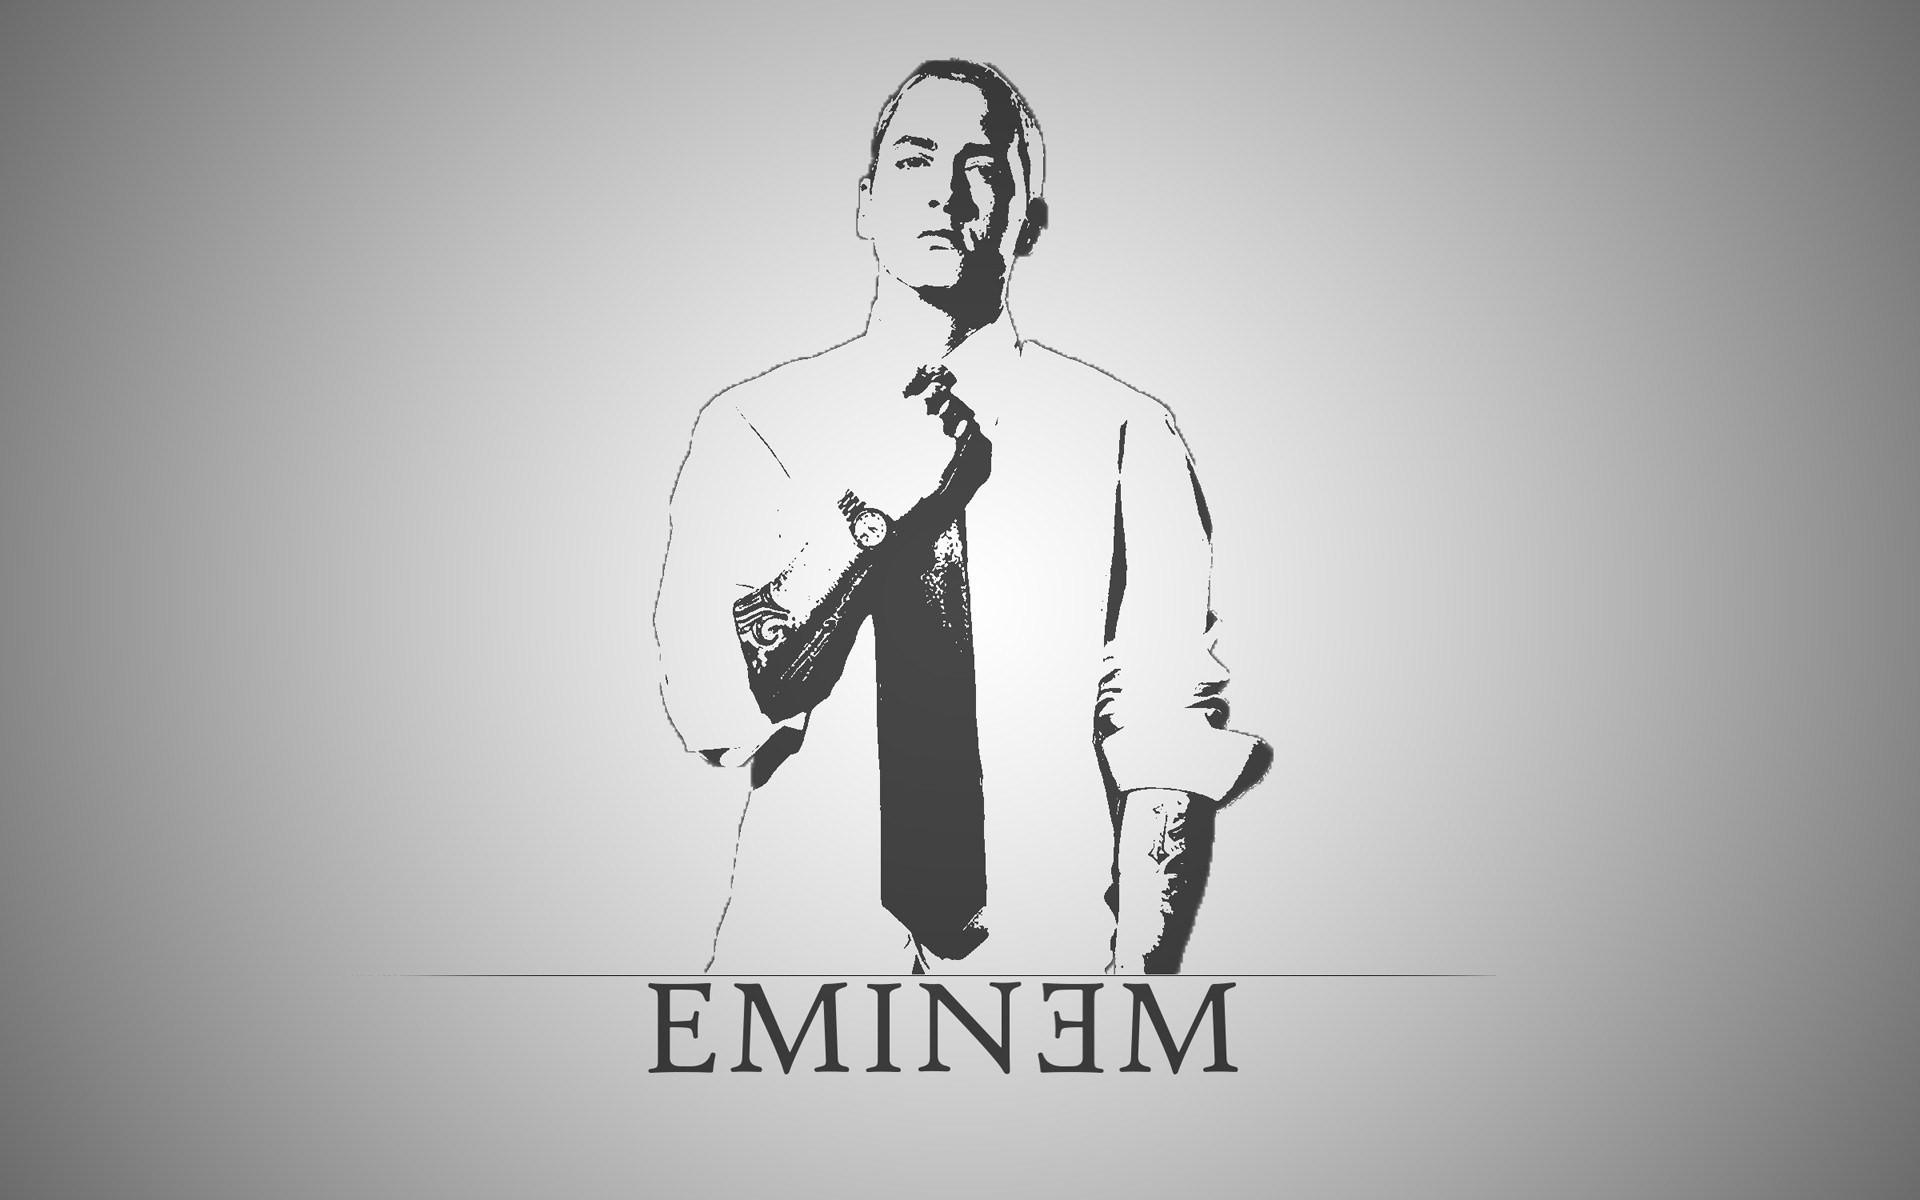 Simple Wallpaper Music Portrait - Music_Portrait_of_the_famous_Eminem_088432_  You Should Have_376542.jpg